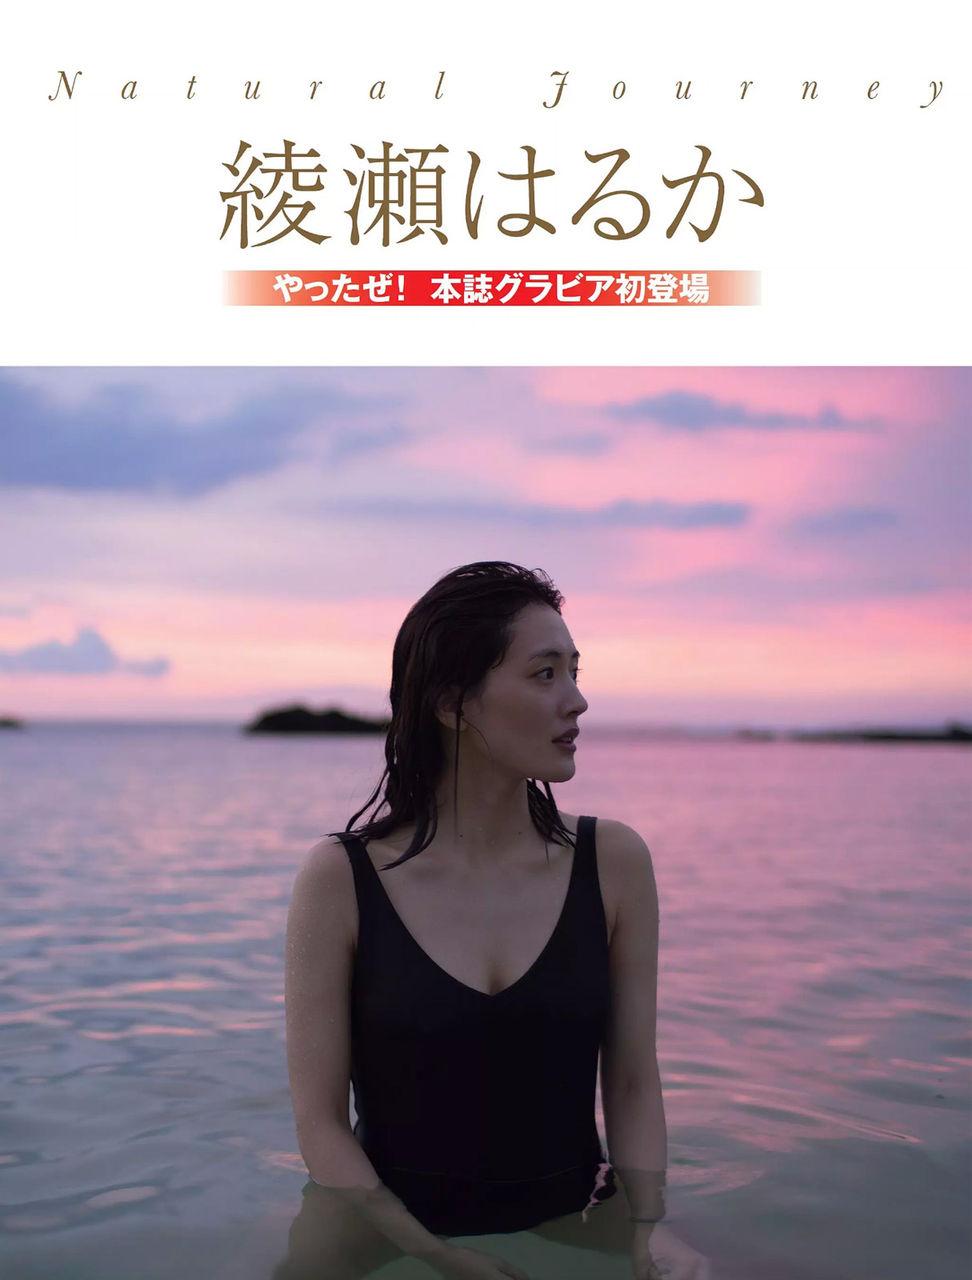 【エンタメ画像】女優 綾瀬はるかちゃんの待望のスイムスーツ写真なのになんか違うよな!グラビア画像